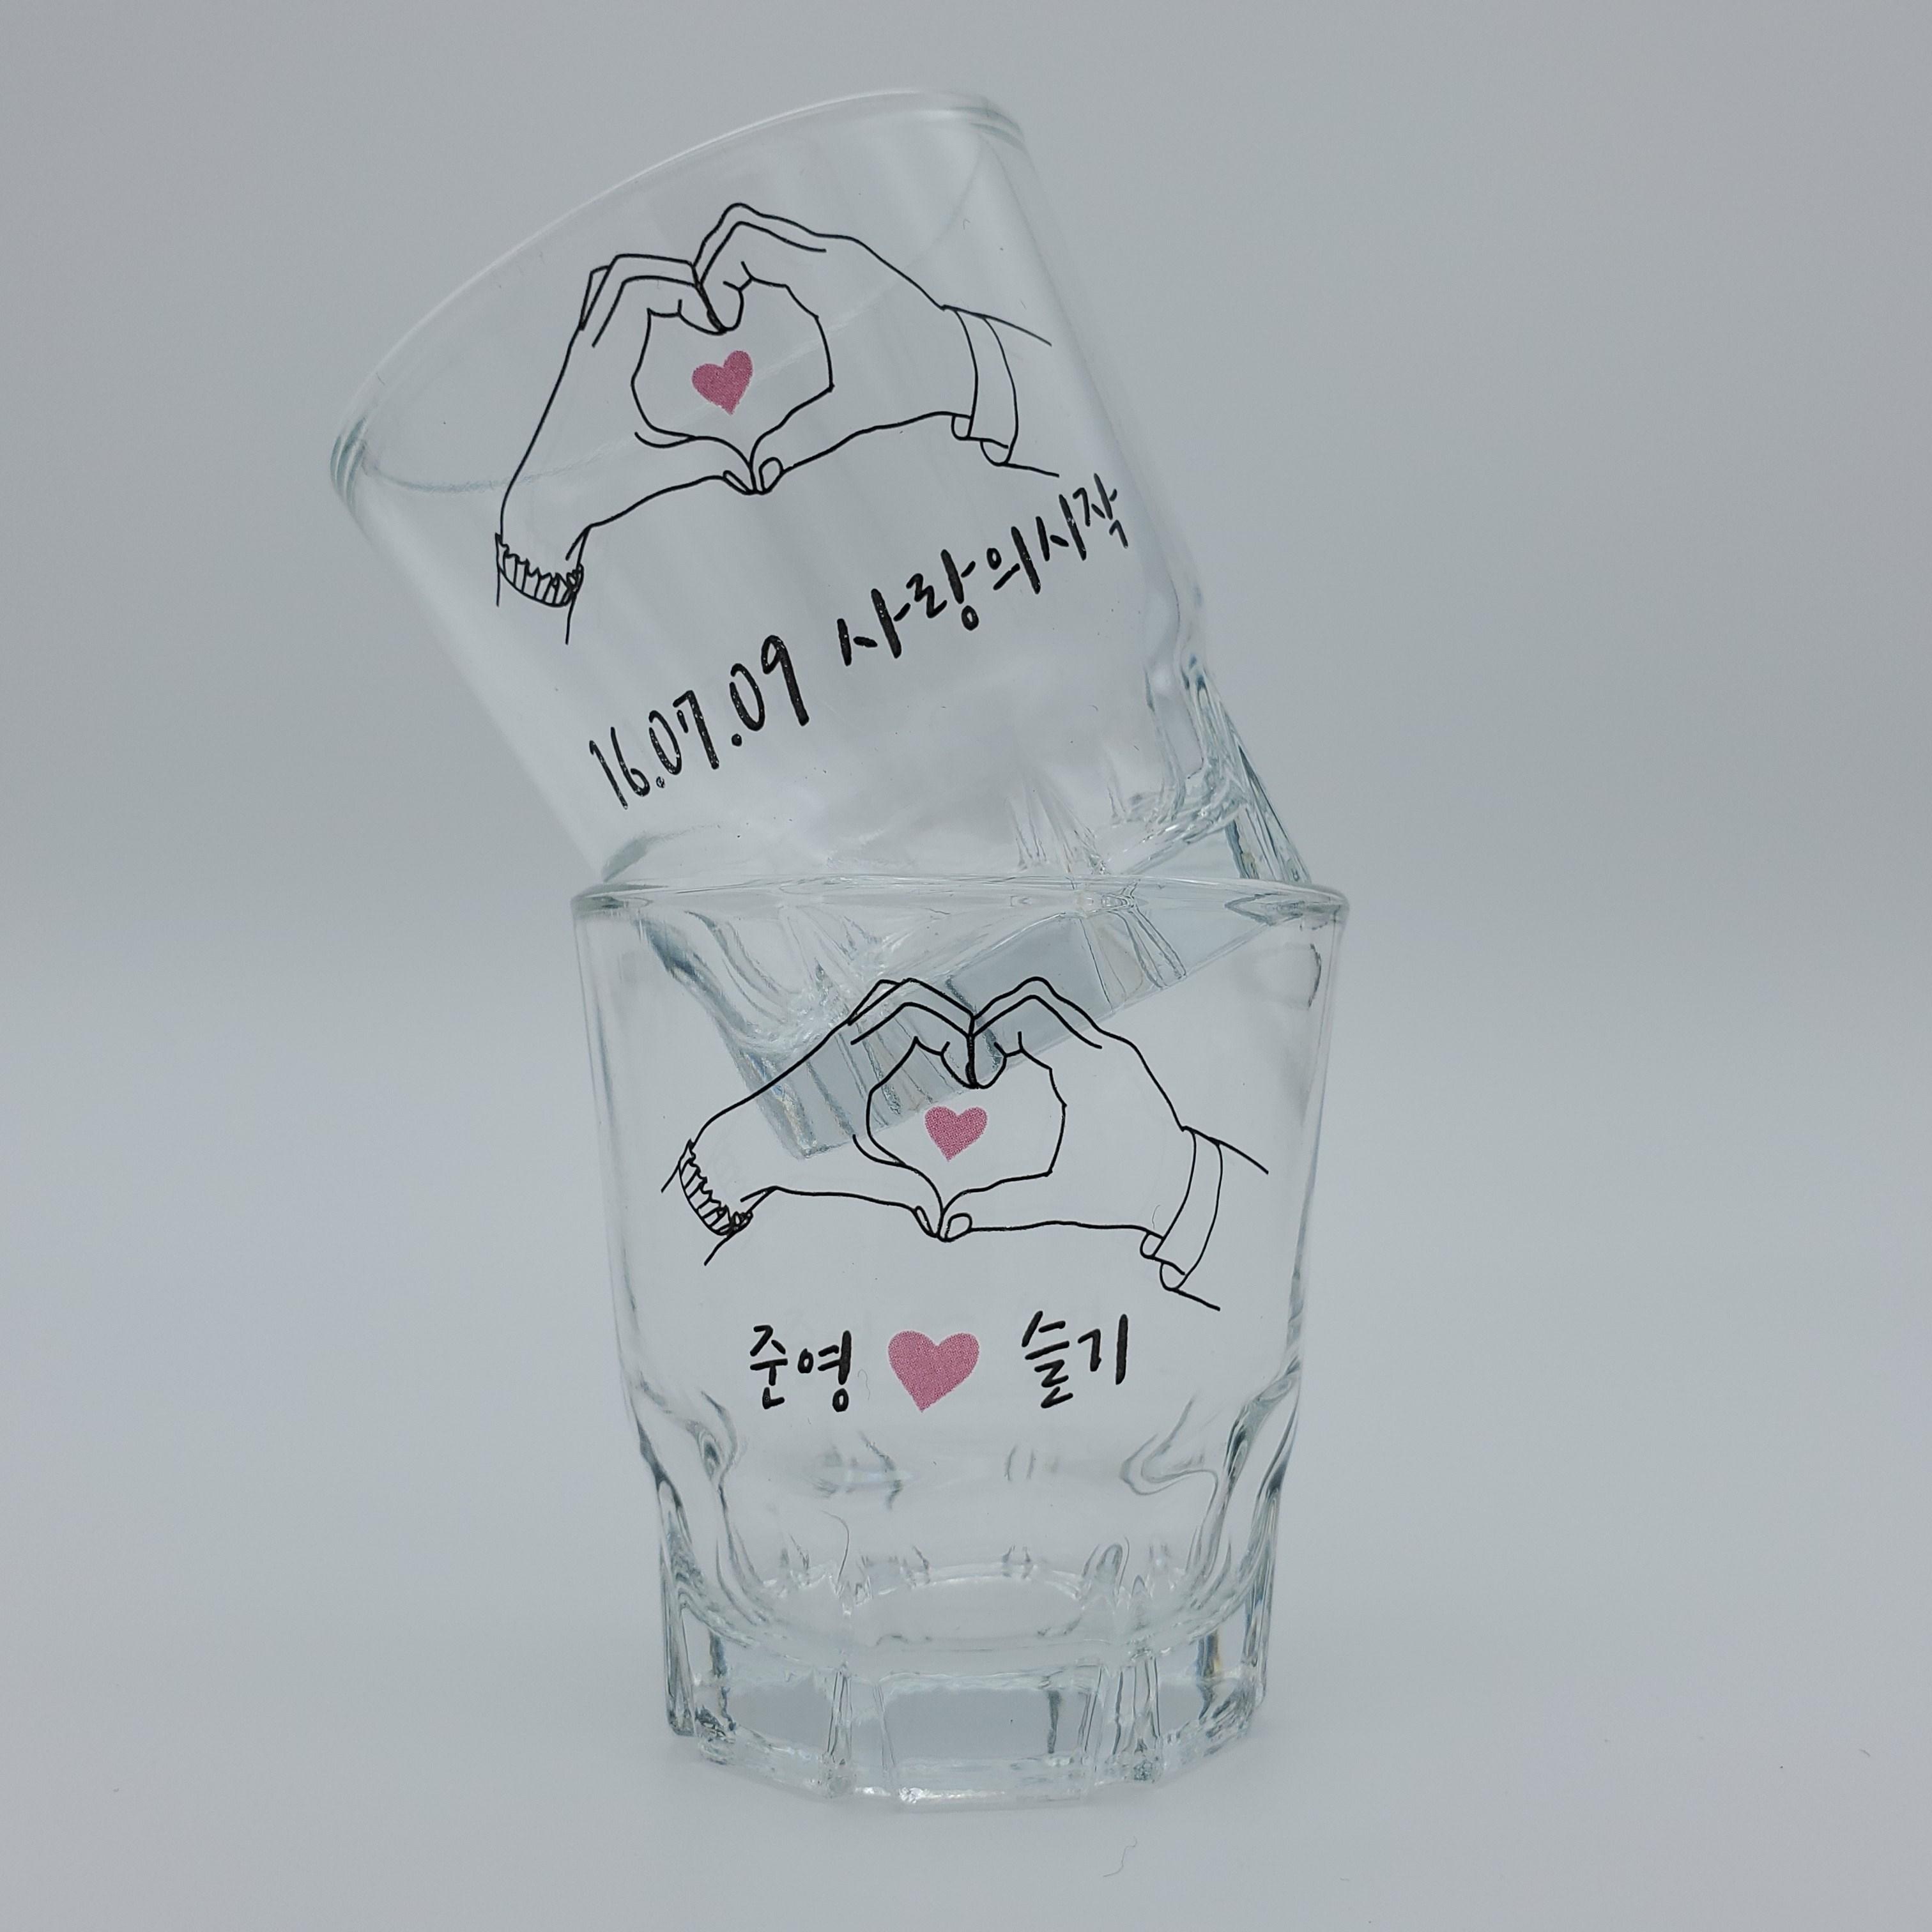 펭귄상점 소주잔 주문제작 특별한 개별맞춤 술잔, 1개, 커플하트